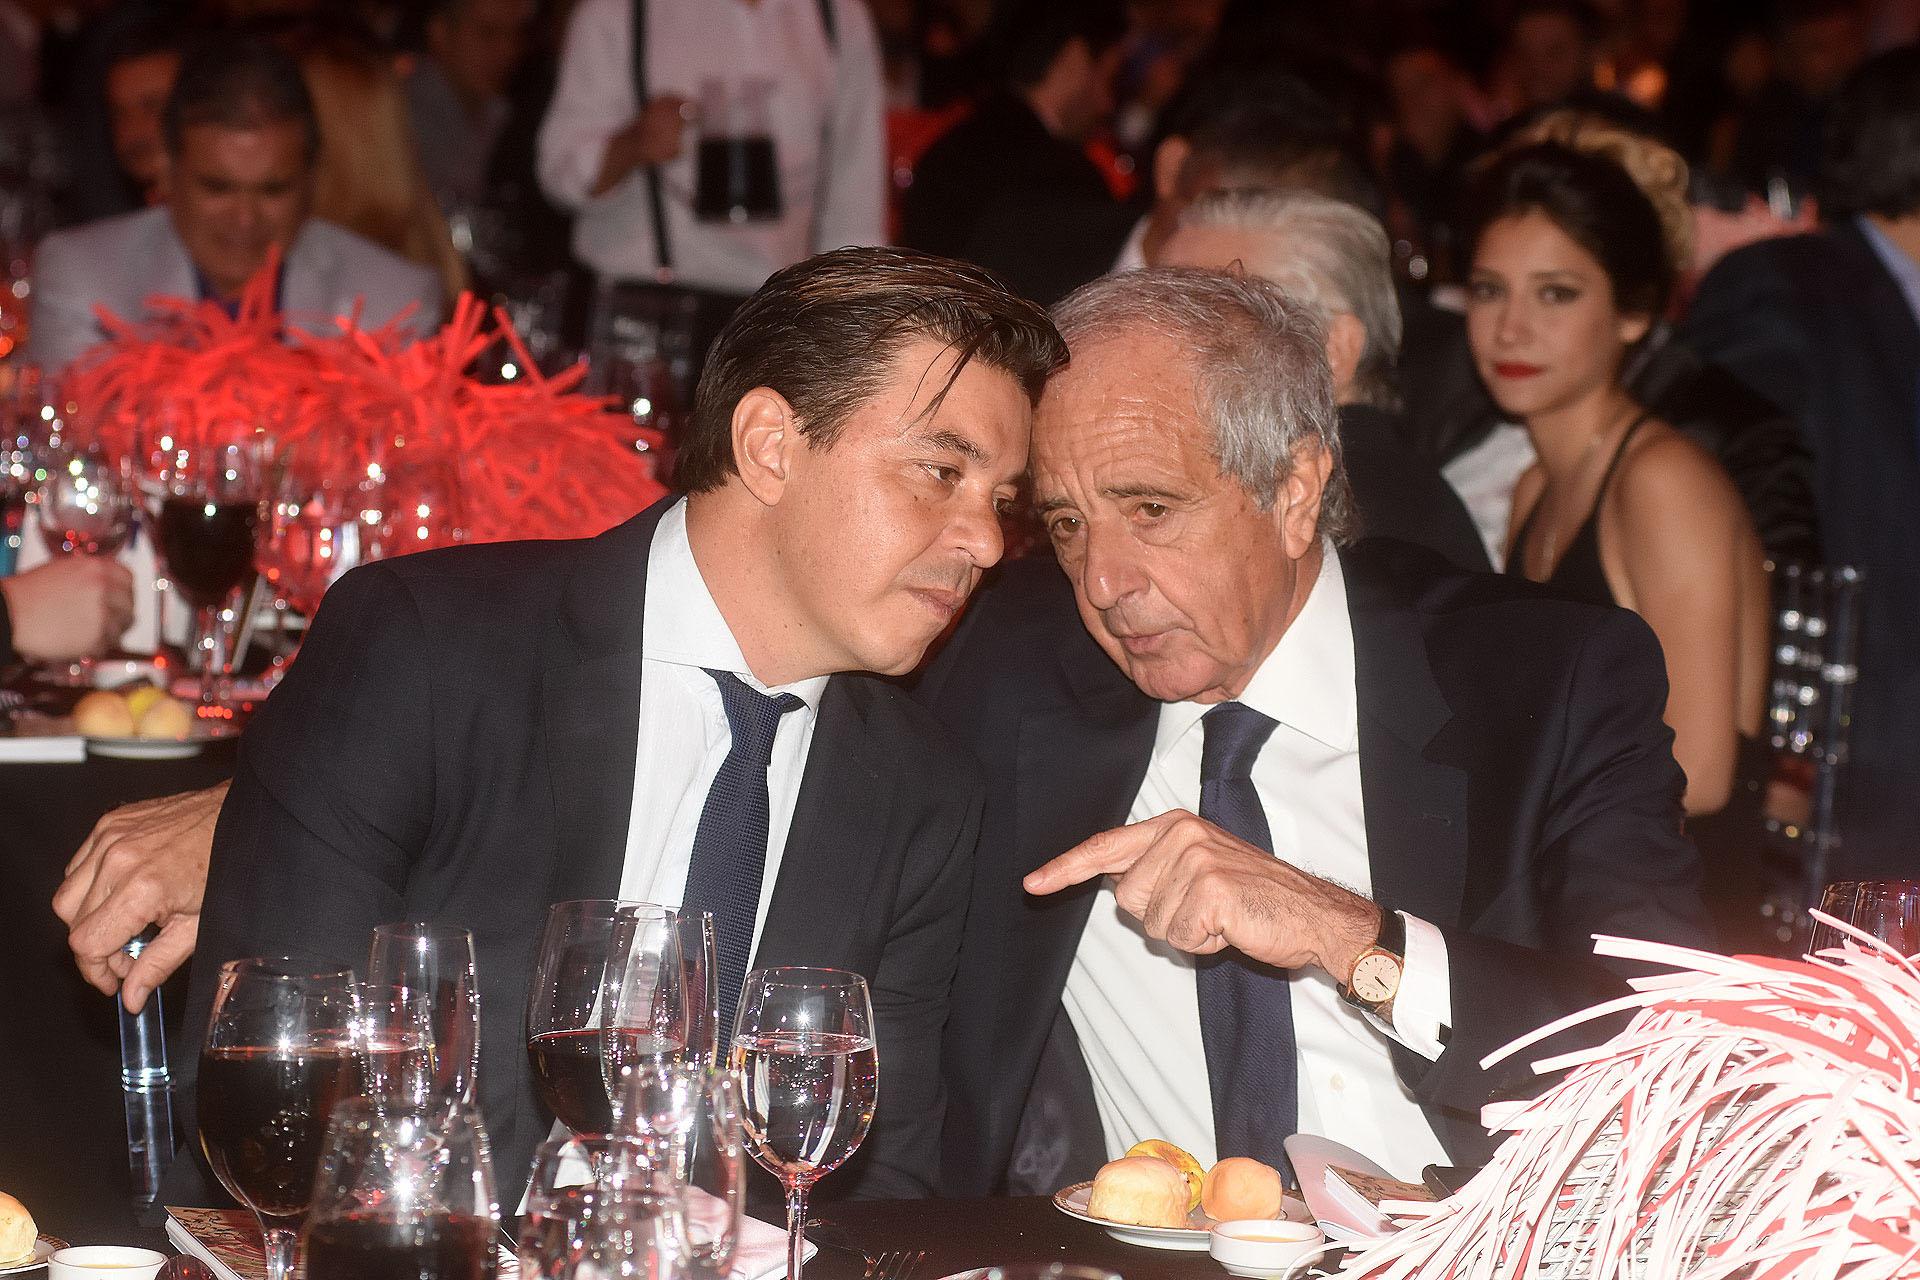 El entrenador de River, Marcelo Gallardo, y su presidente, Rodolfo D'Onofrio, durante la quinta cena anual a beneficio de la Fundación River Plate